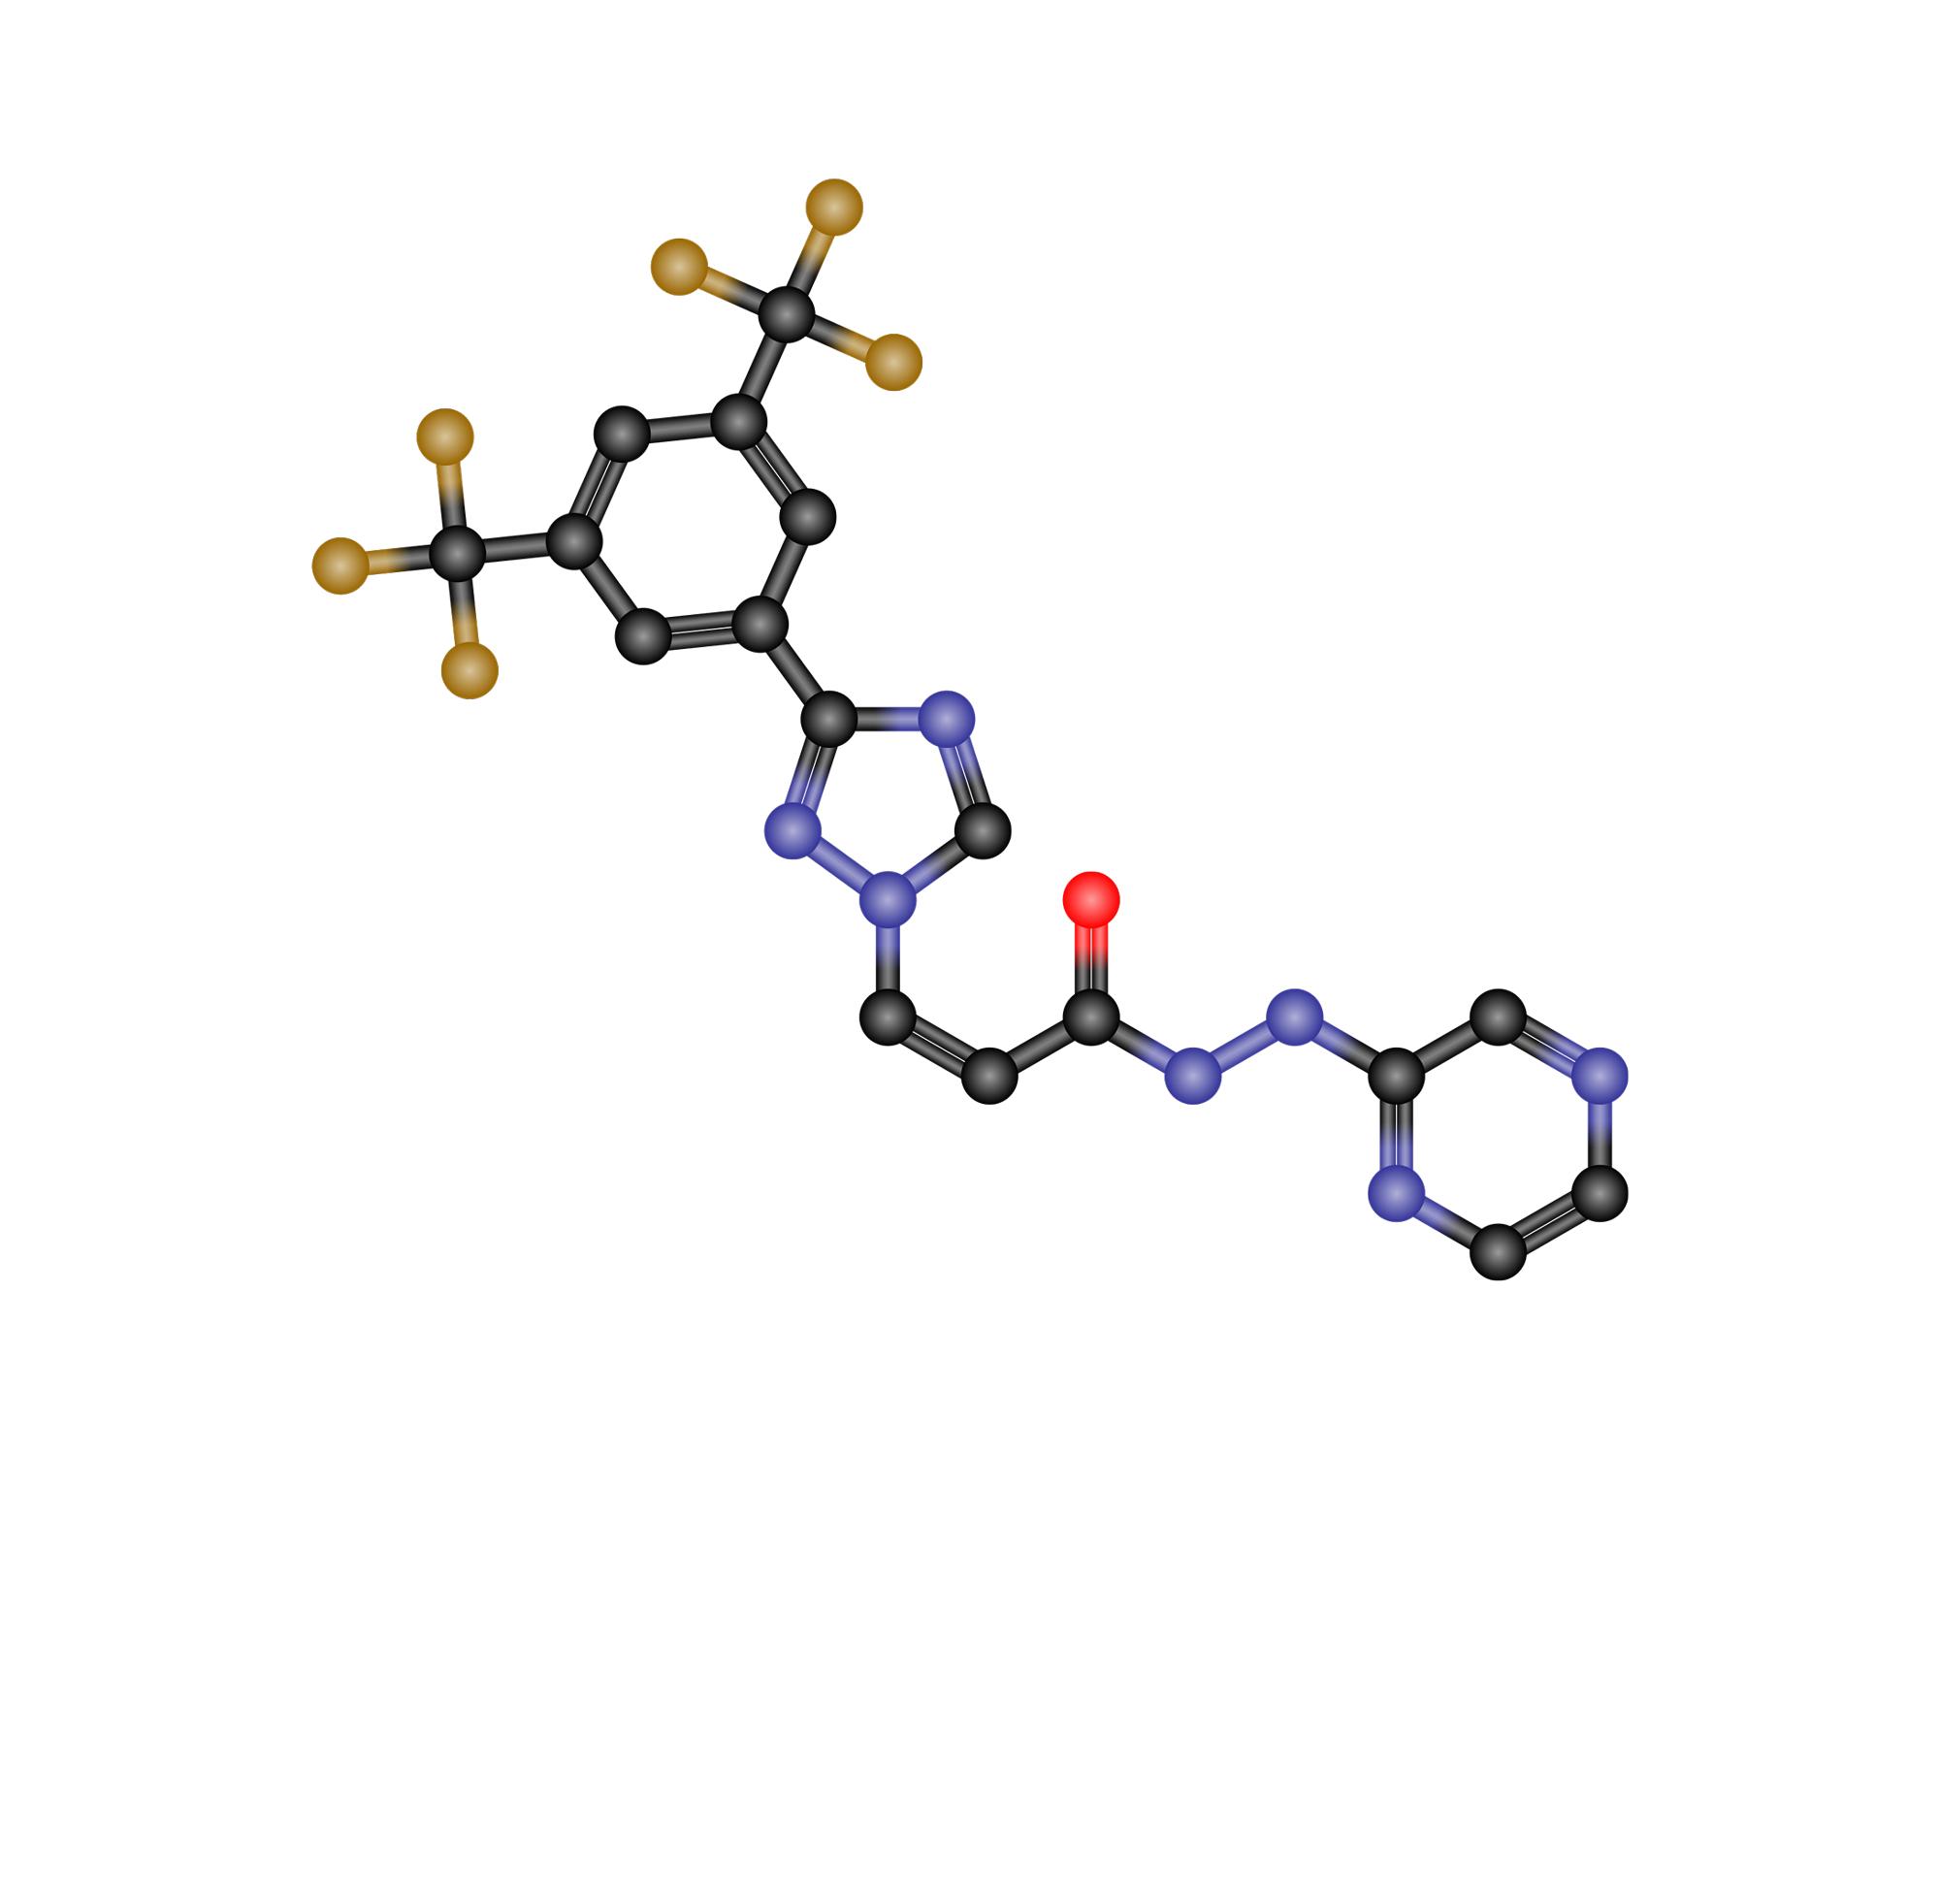 Селинексор (selinexor).